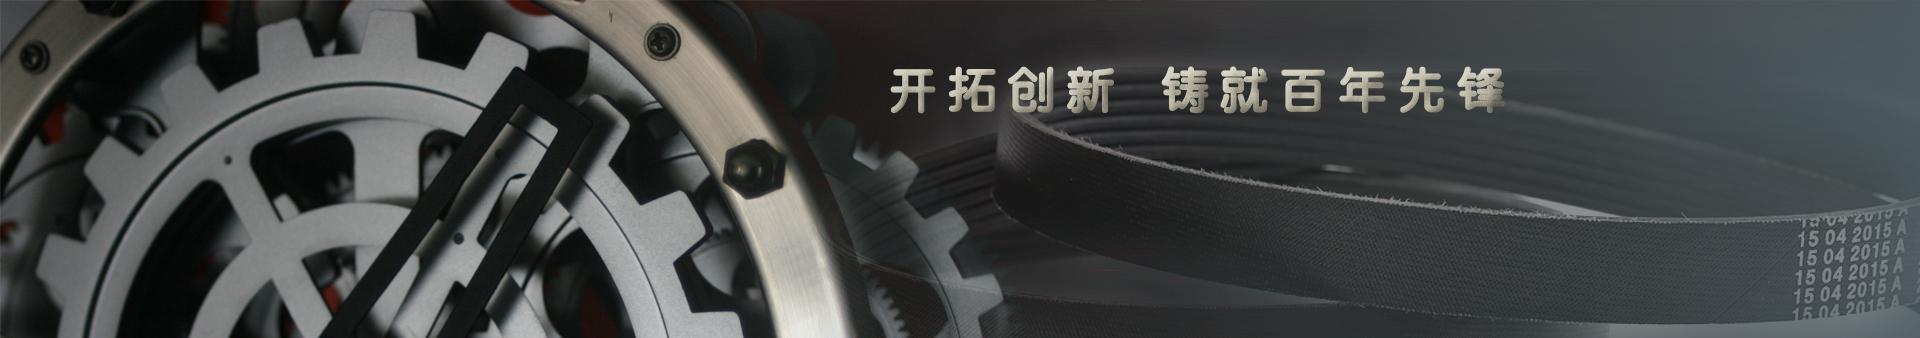 贵州大众橡胶